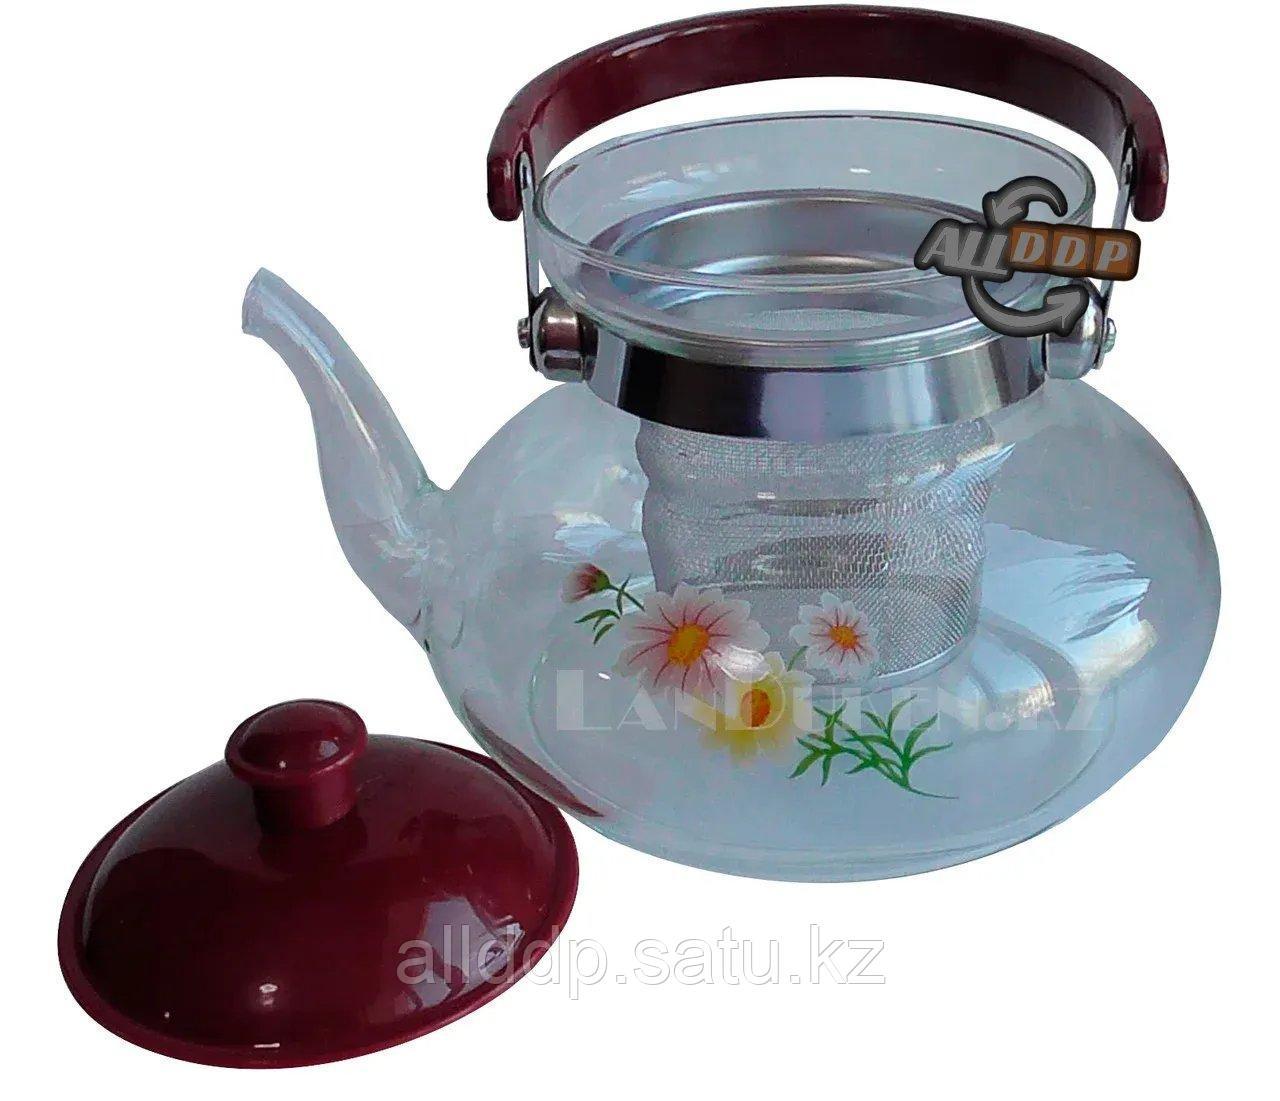 Заварочный стеклянный чайник для чая и кофе 700 ml (Cofee and tea), заварной чайник, чайник для плиты